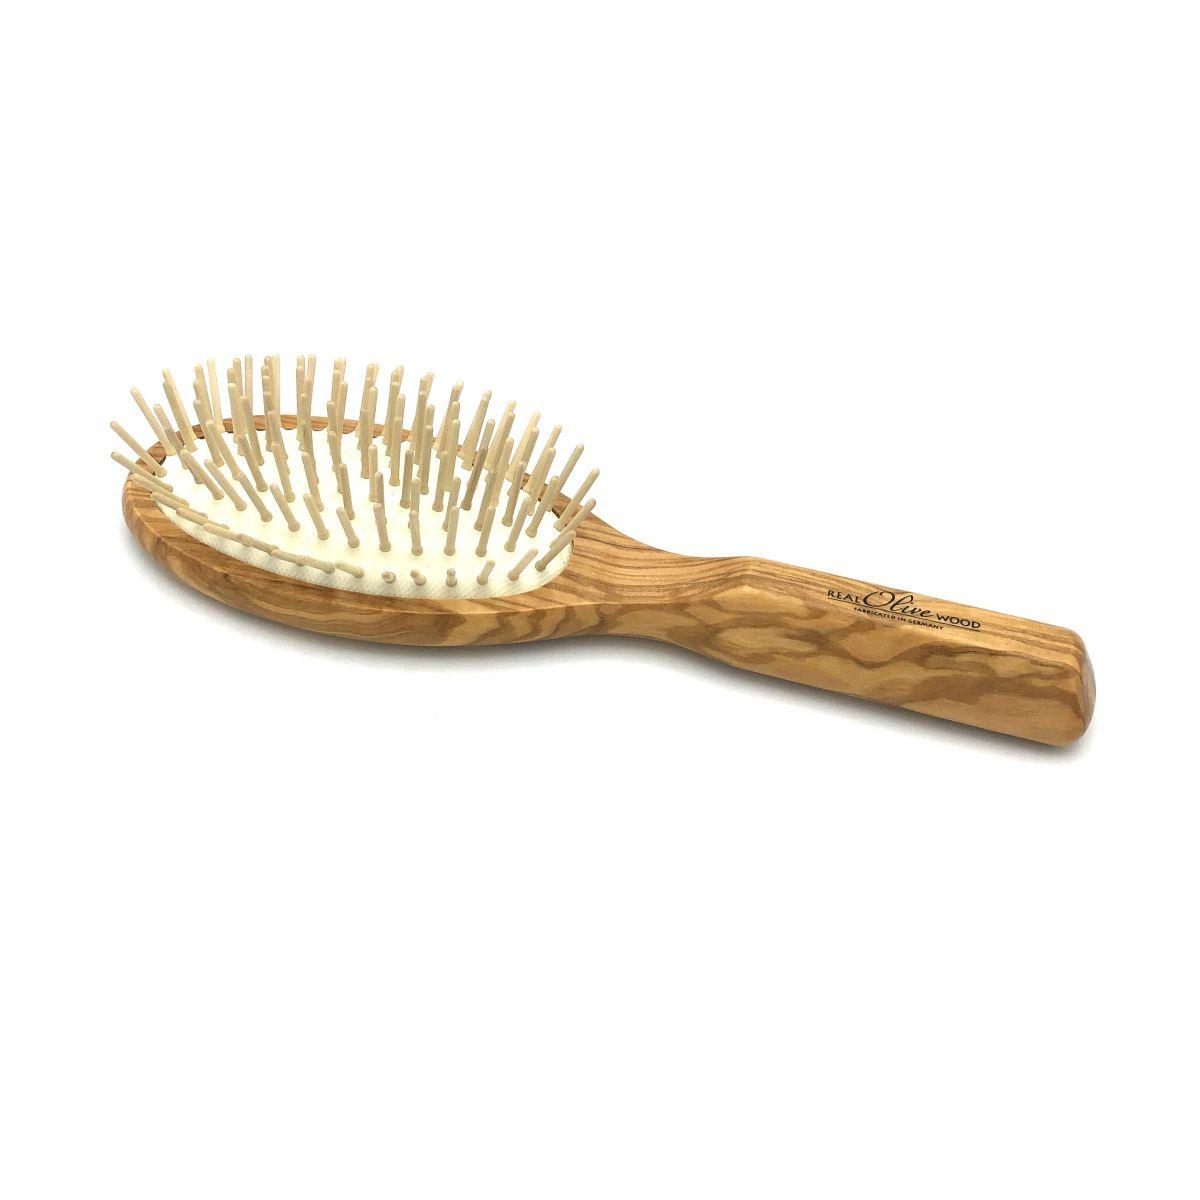 Haarbürste Olivia groß oval mit Holzstiften